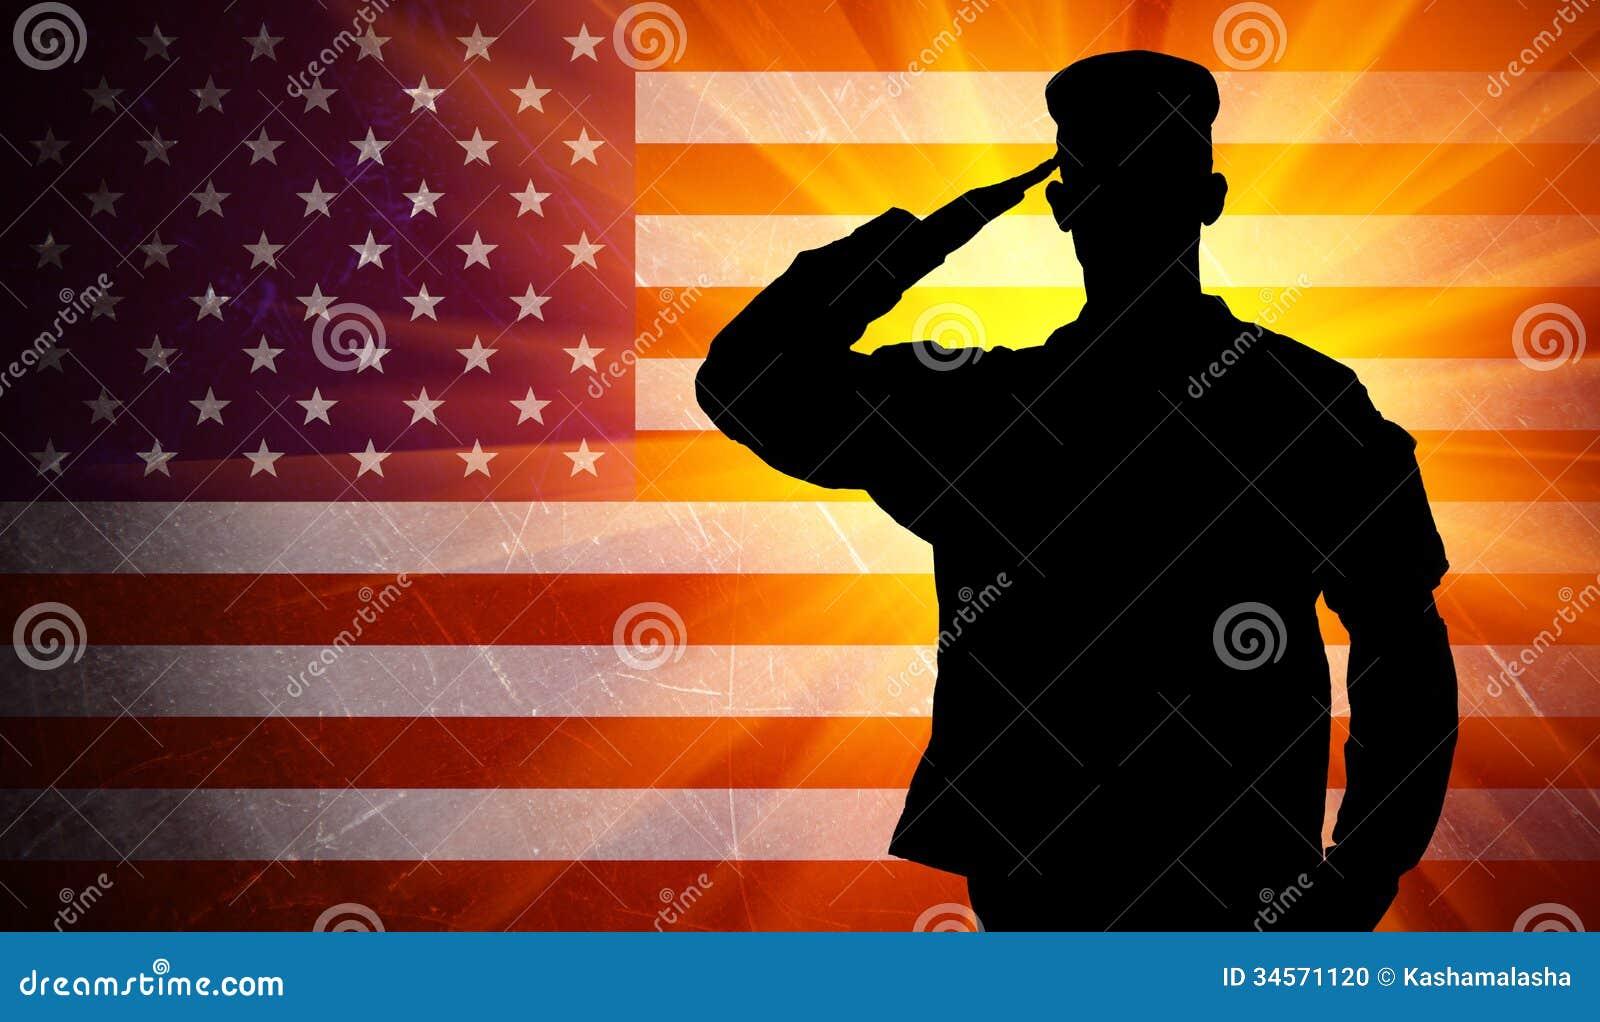 Υπερήφανος χαιρετίζοντας αρσενικός στρατιώτης στρατού στο υπόβαθρο αμερικανικών σημαιών